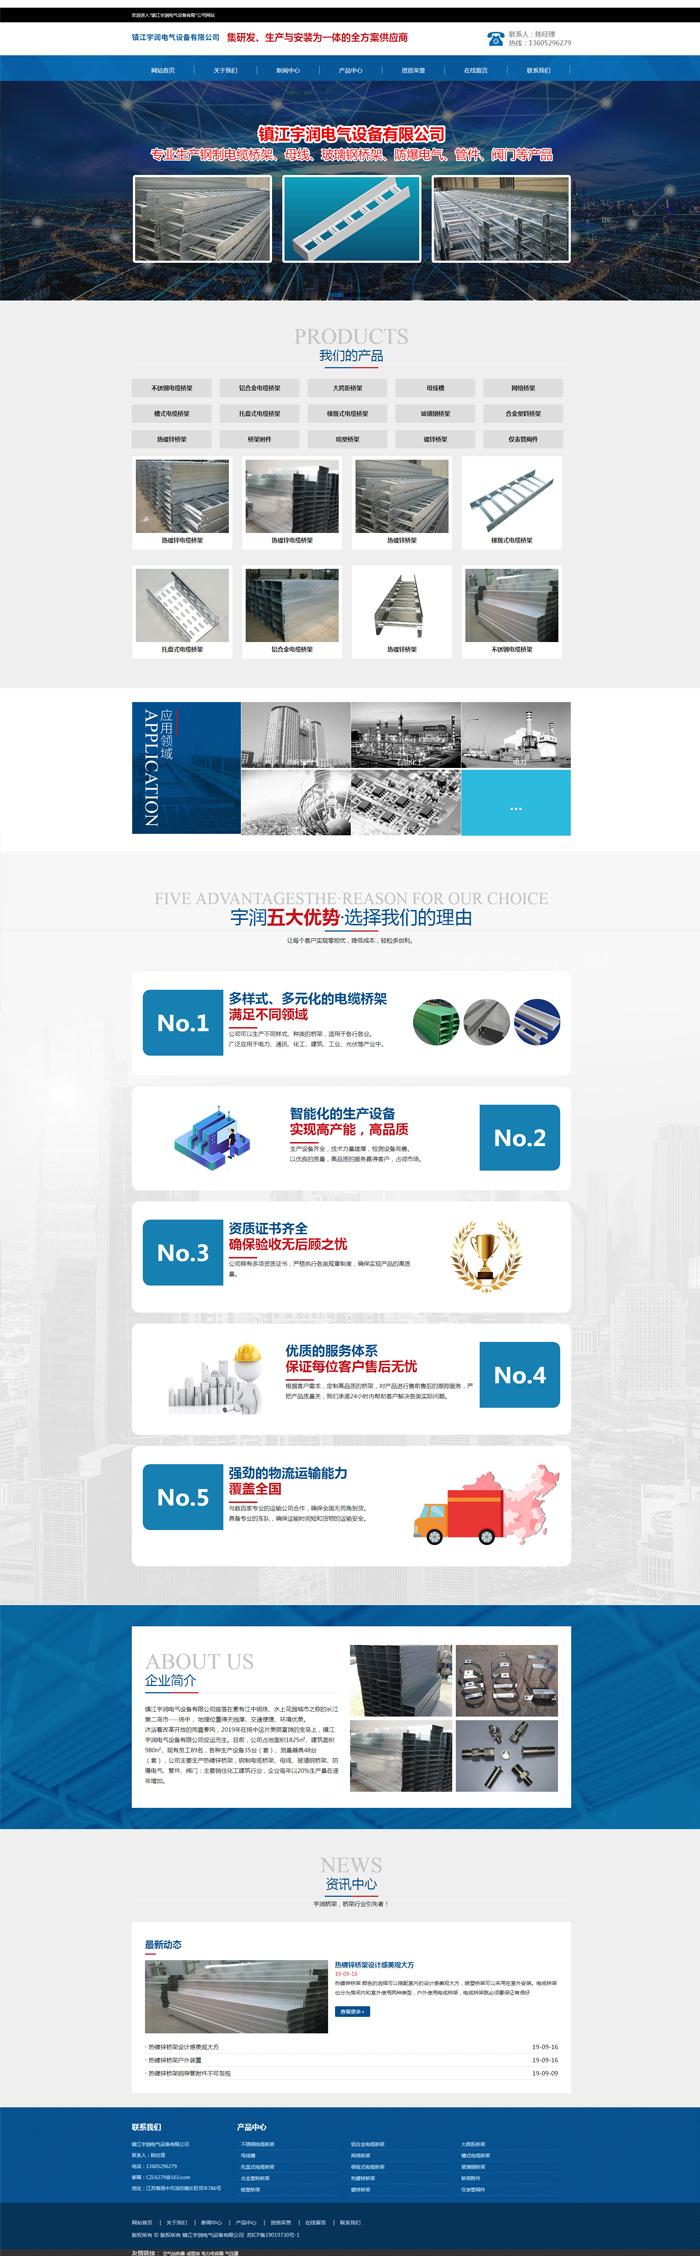 镇江宇润电气设备有限公司